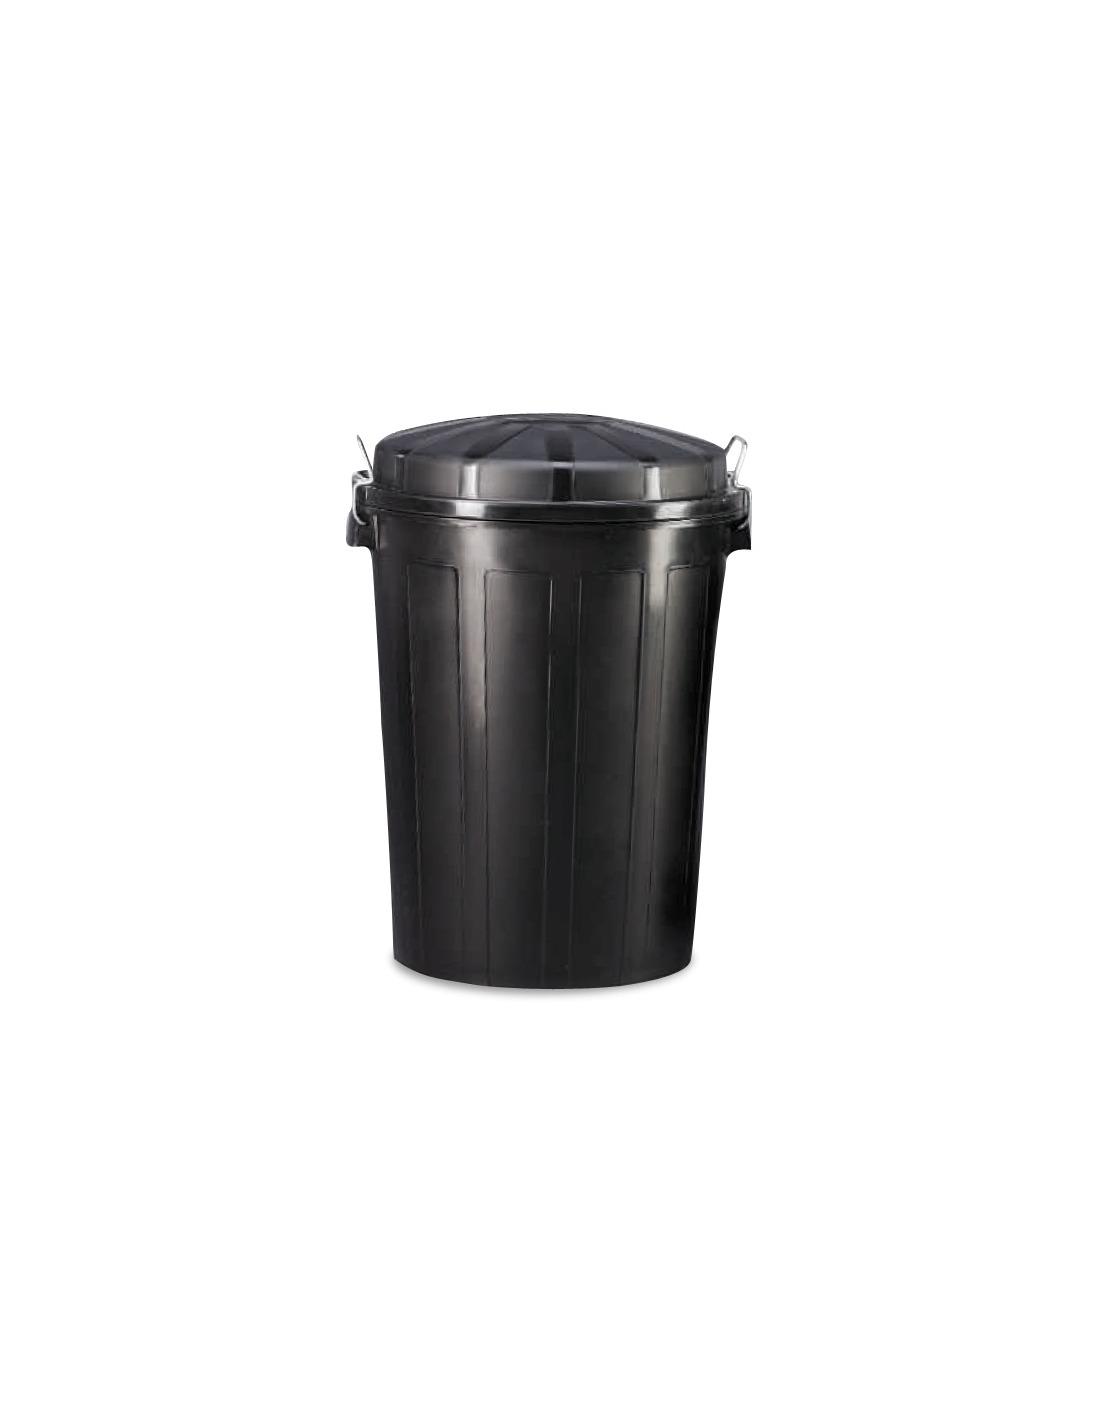 cubo industrial basura 95 litros